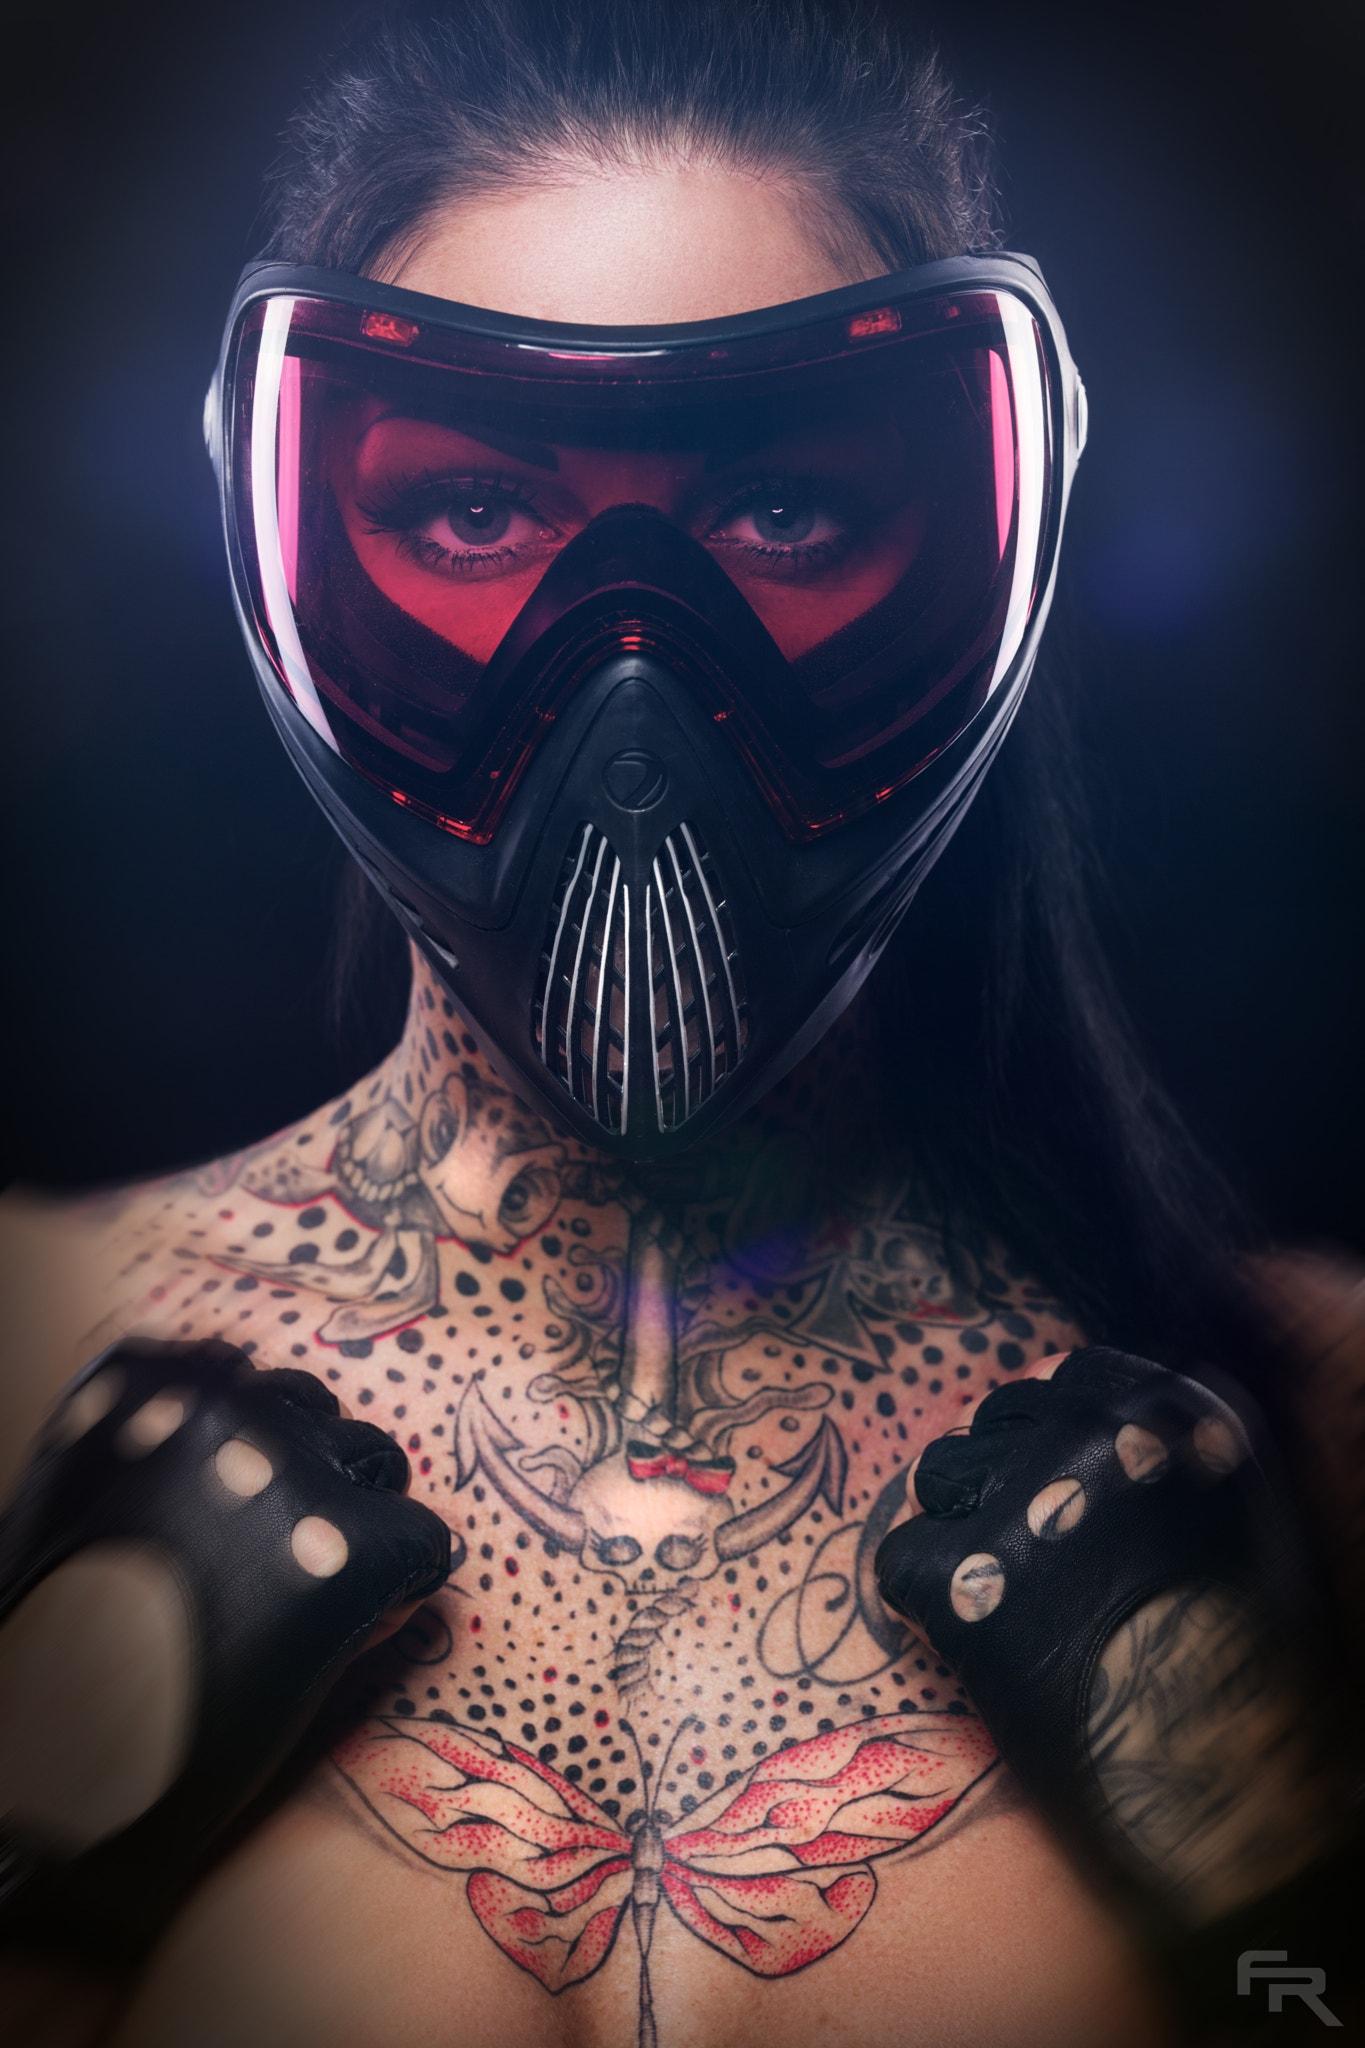 #fr Pixx, #500px, #mask, #tattoo, #women, #model, #face, - Mask Women , HD Wallpaper & Backgrounds